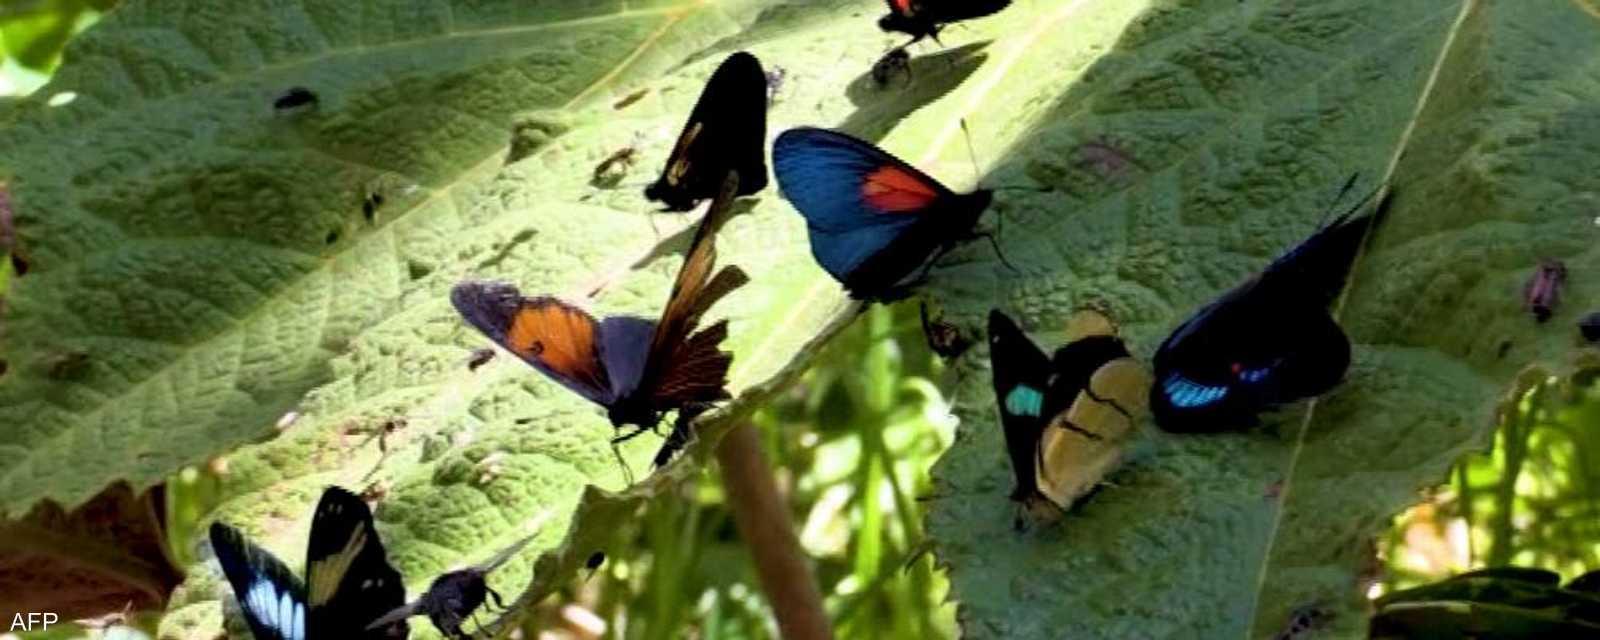 الفراشات الكولومبية